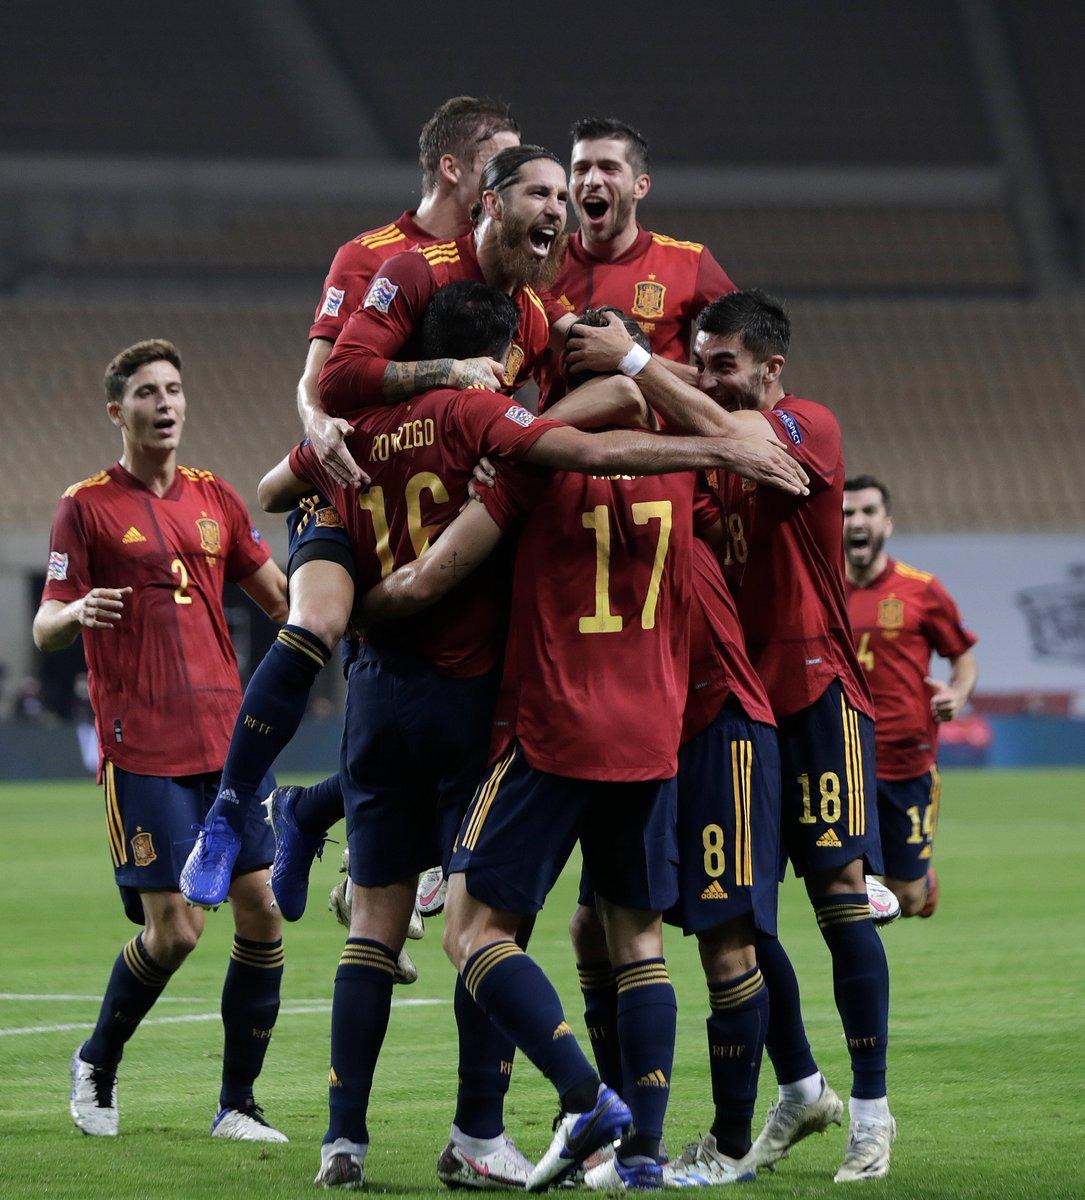 🤔 Pues... creo que es el momento adecuado para que todo el mundo haga RT a esta impresionante foto, ¿no os parece?  🍍 Esto es la @SeFutbol, un E-QUI-PO.  #SomosEspaña  #SomosFederación